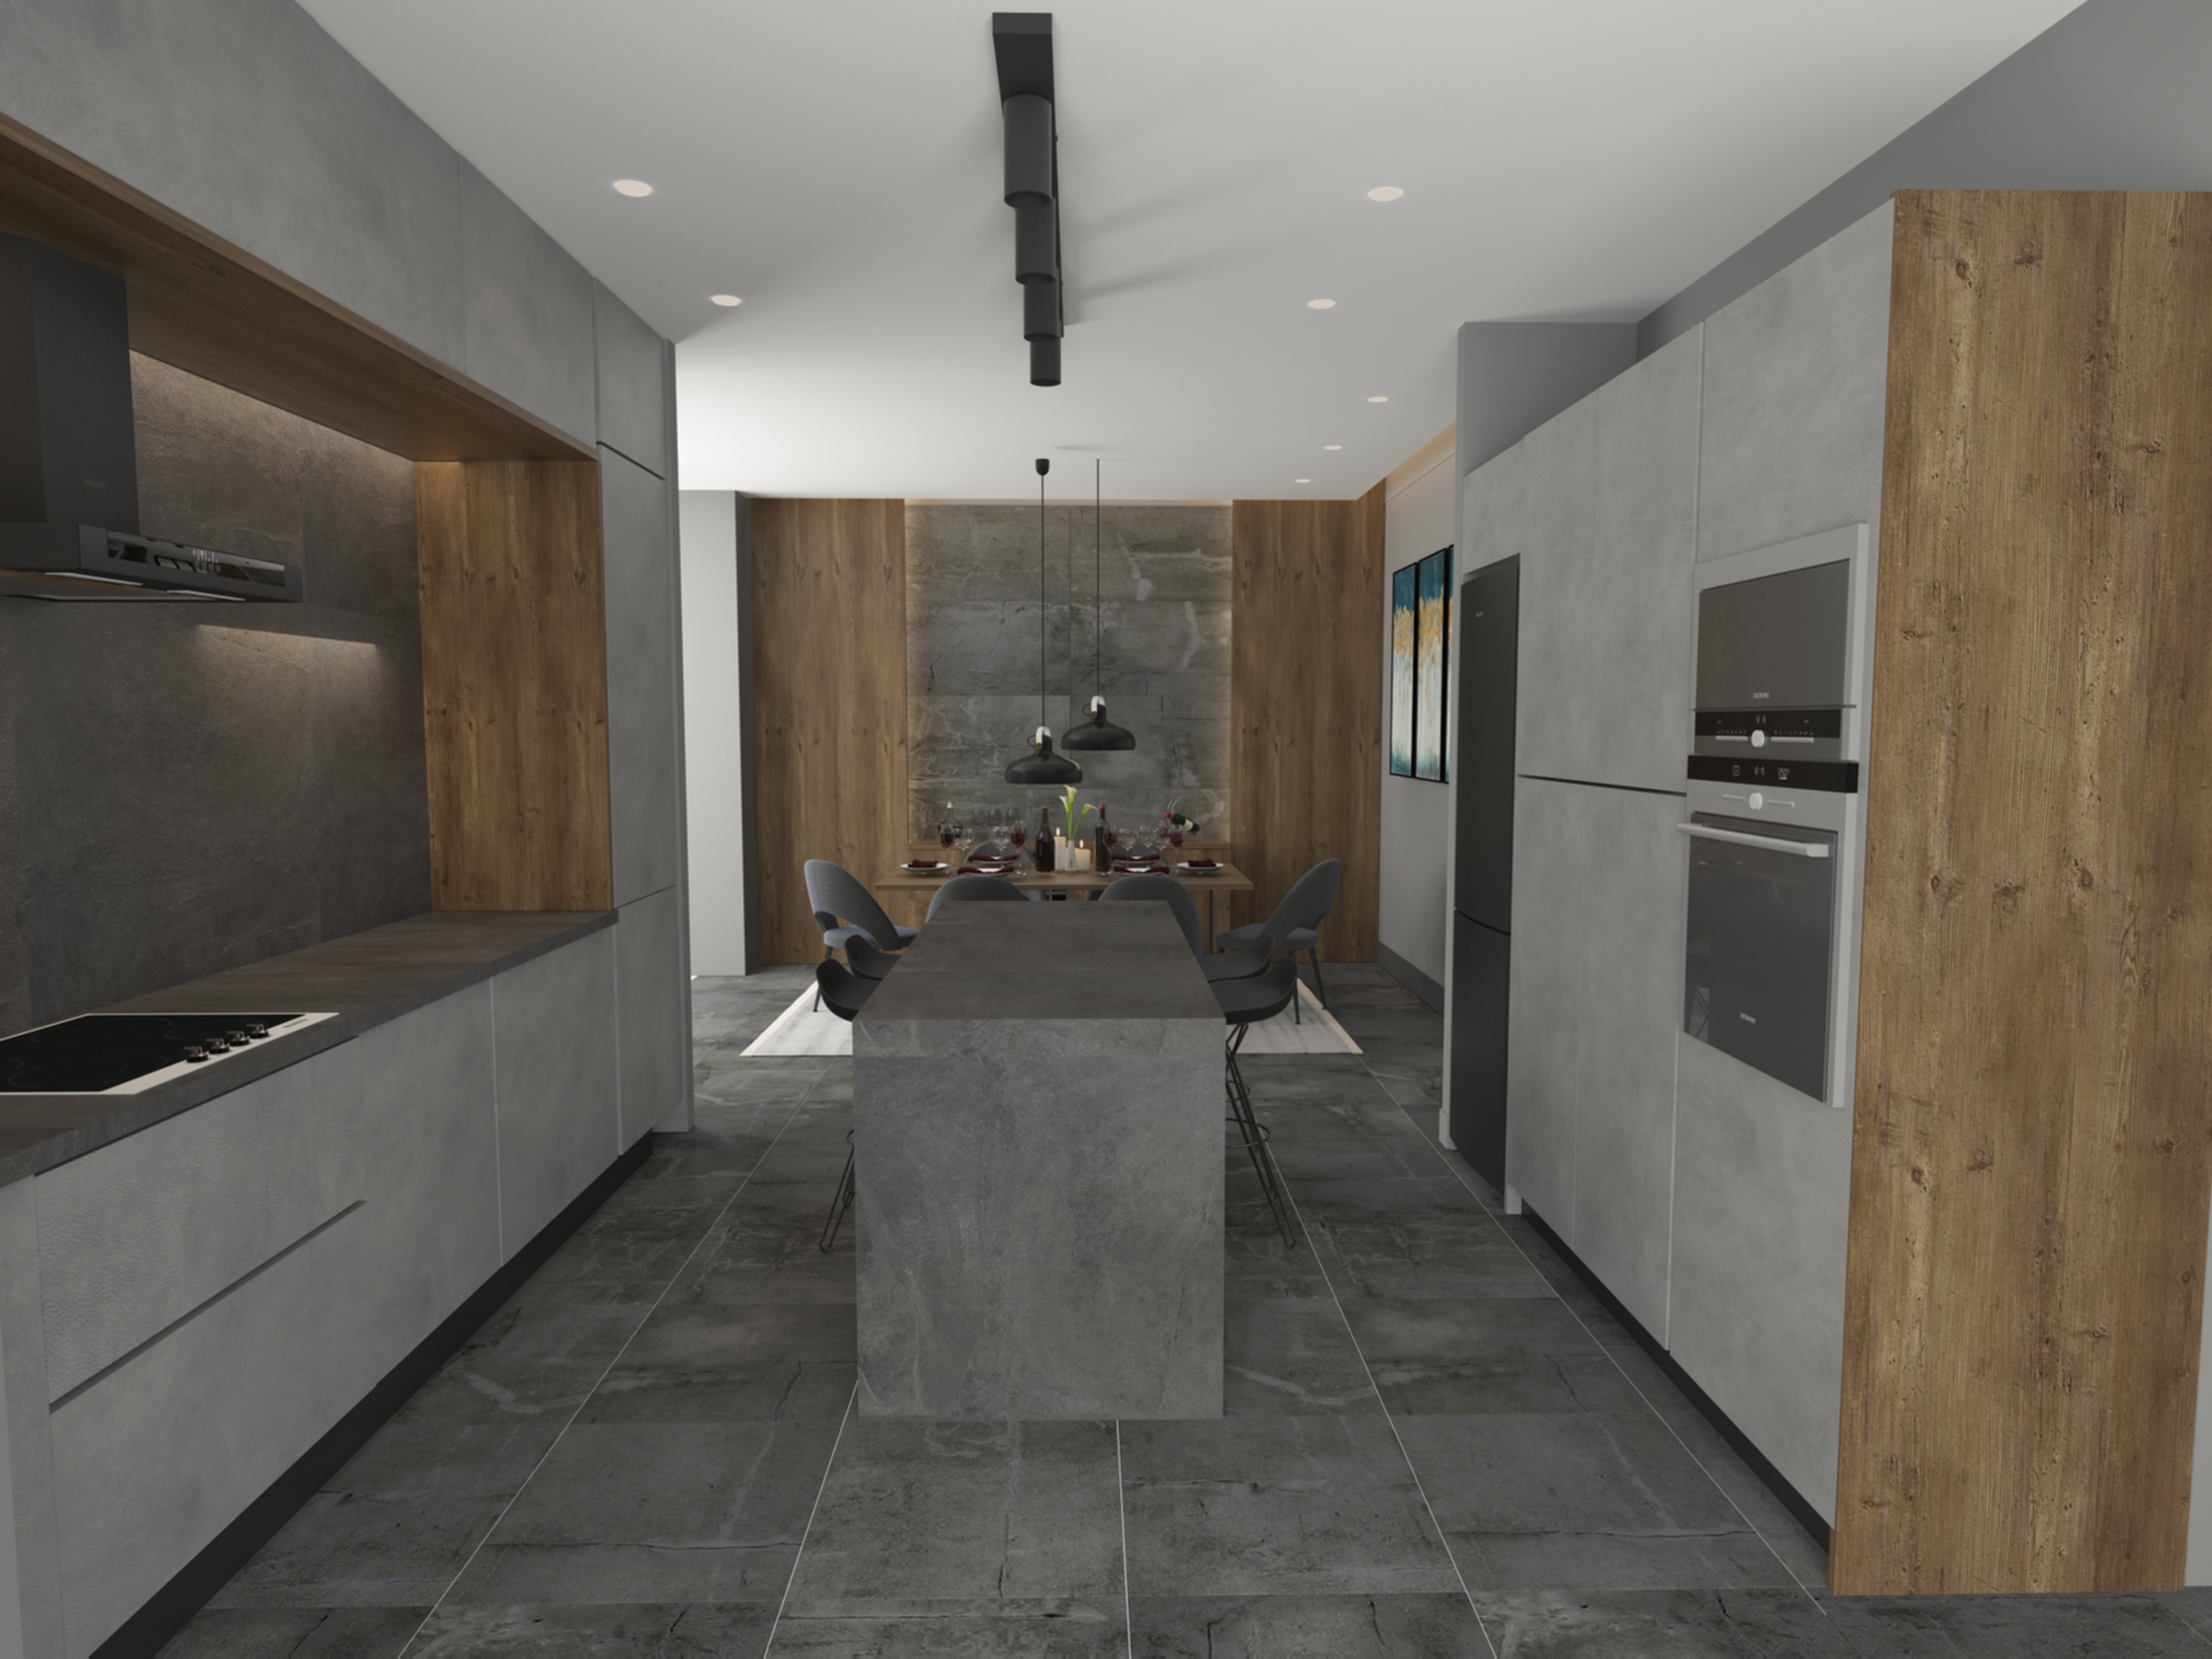 Kitchen: Penthouse Apartment for Sale at Baraka Residence in Nyarutarama, Kigali